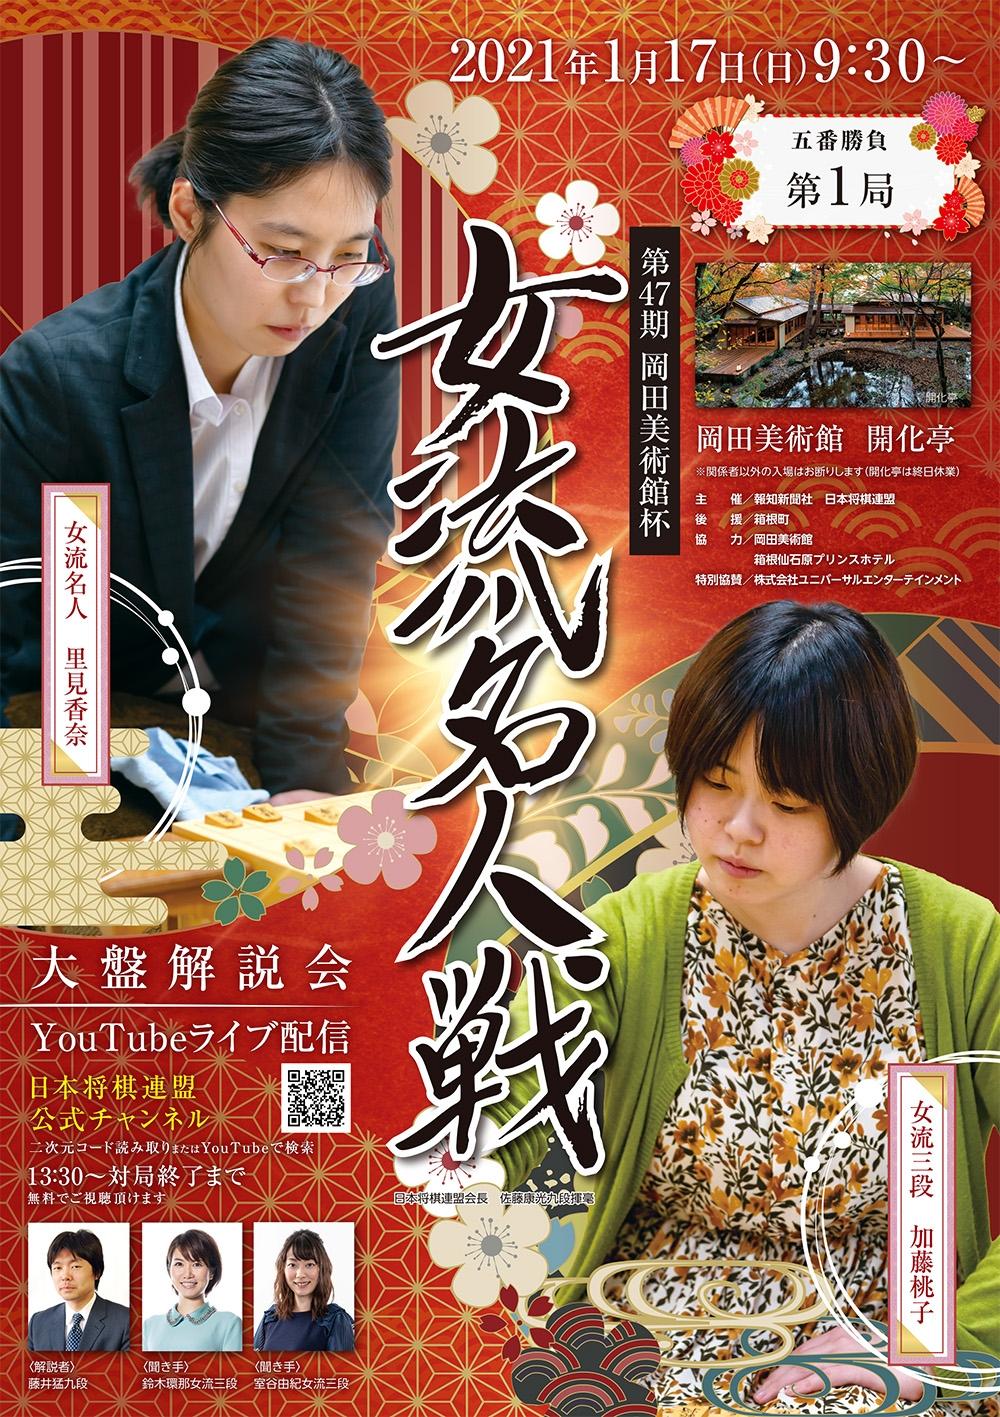 https://www.shogi.or.jp/event/entry_images/jyo-meijin47-1.jpg